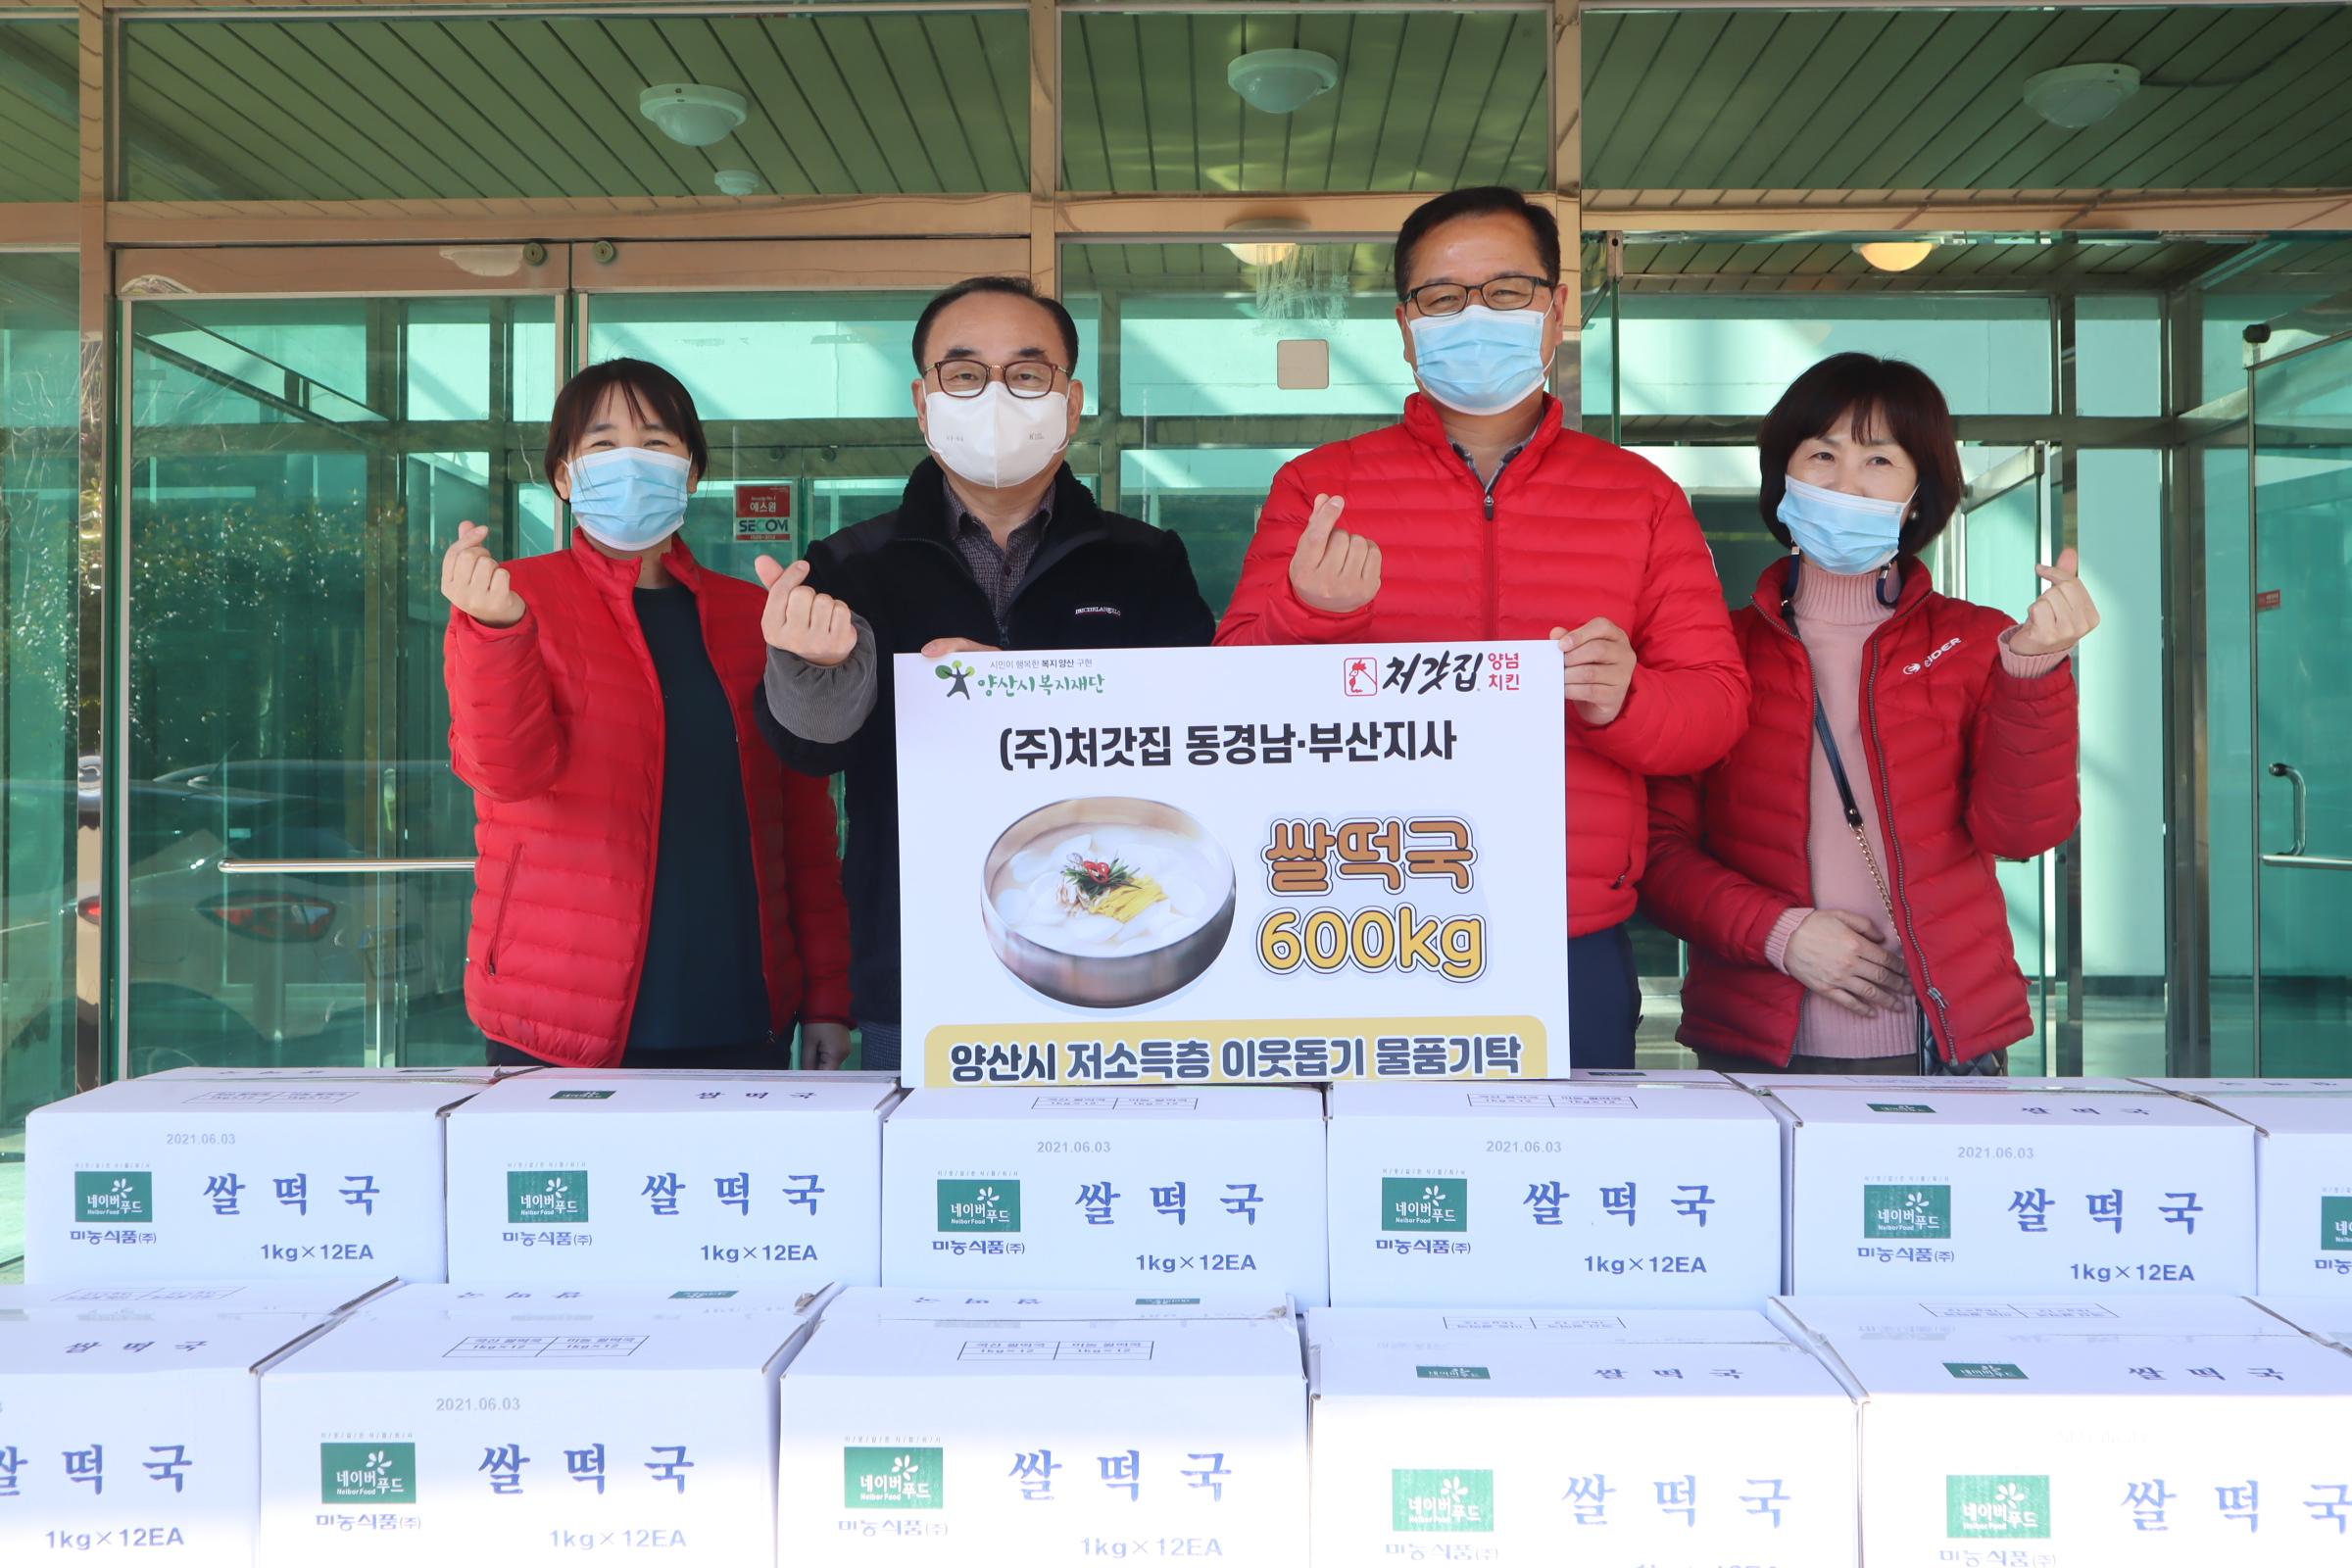 ㈜처갓집 동경남·부산지사 어려운 이웃들에게 사랑의 떡국 나눔 선물 전달